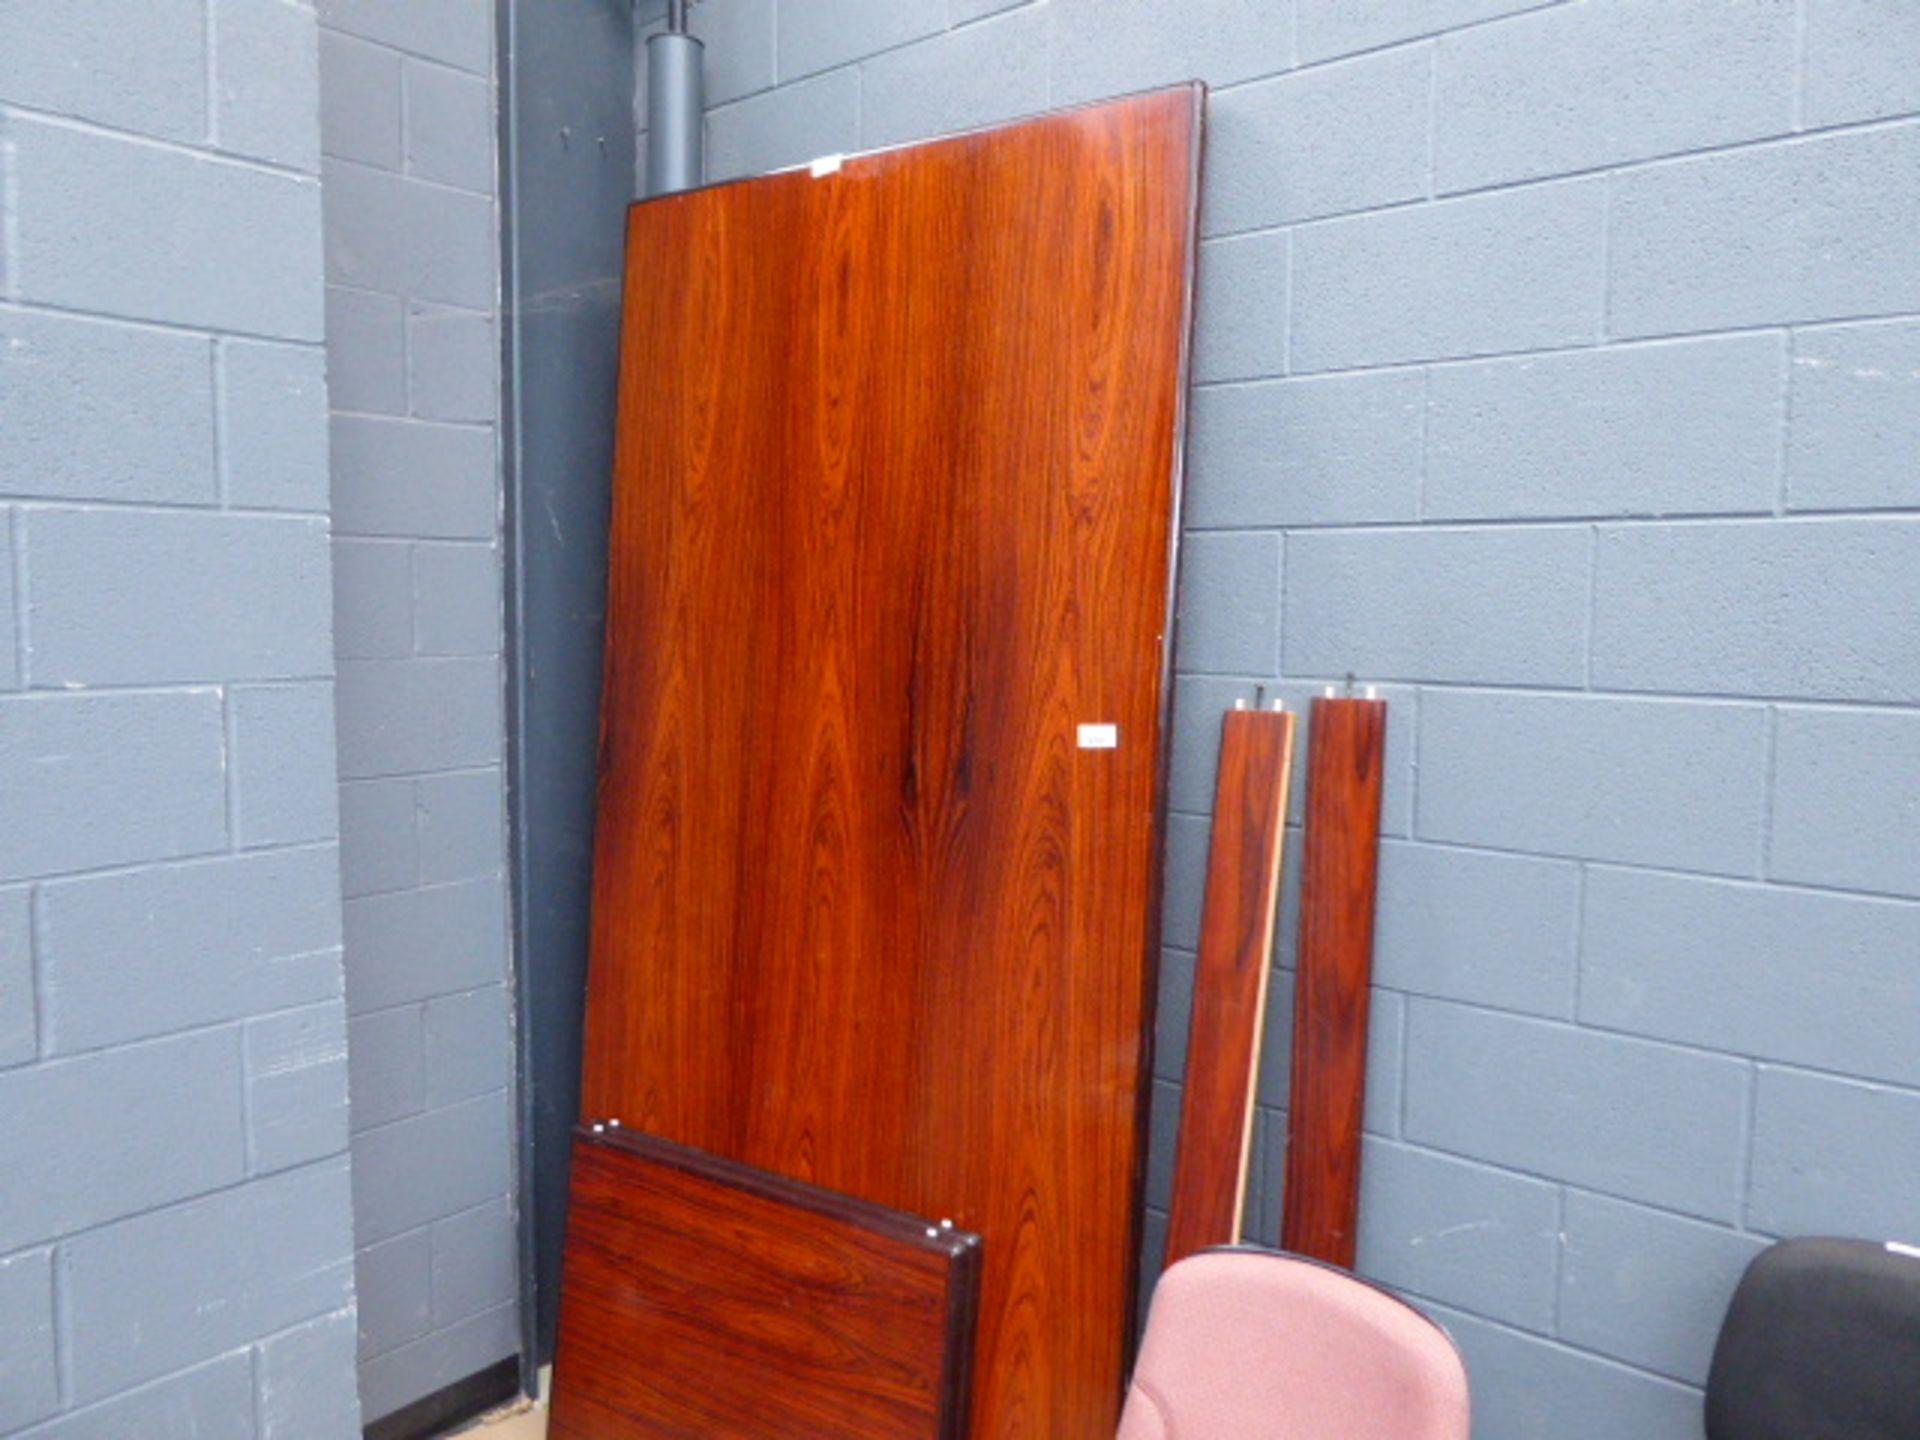 Lot 4271 - Large flatpack boardroom table in dark wood